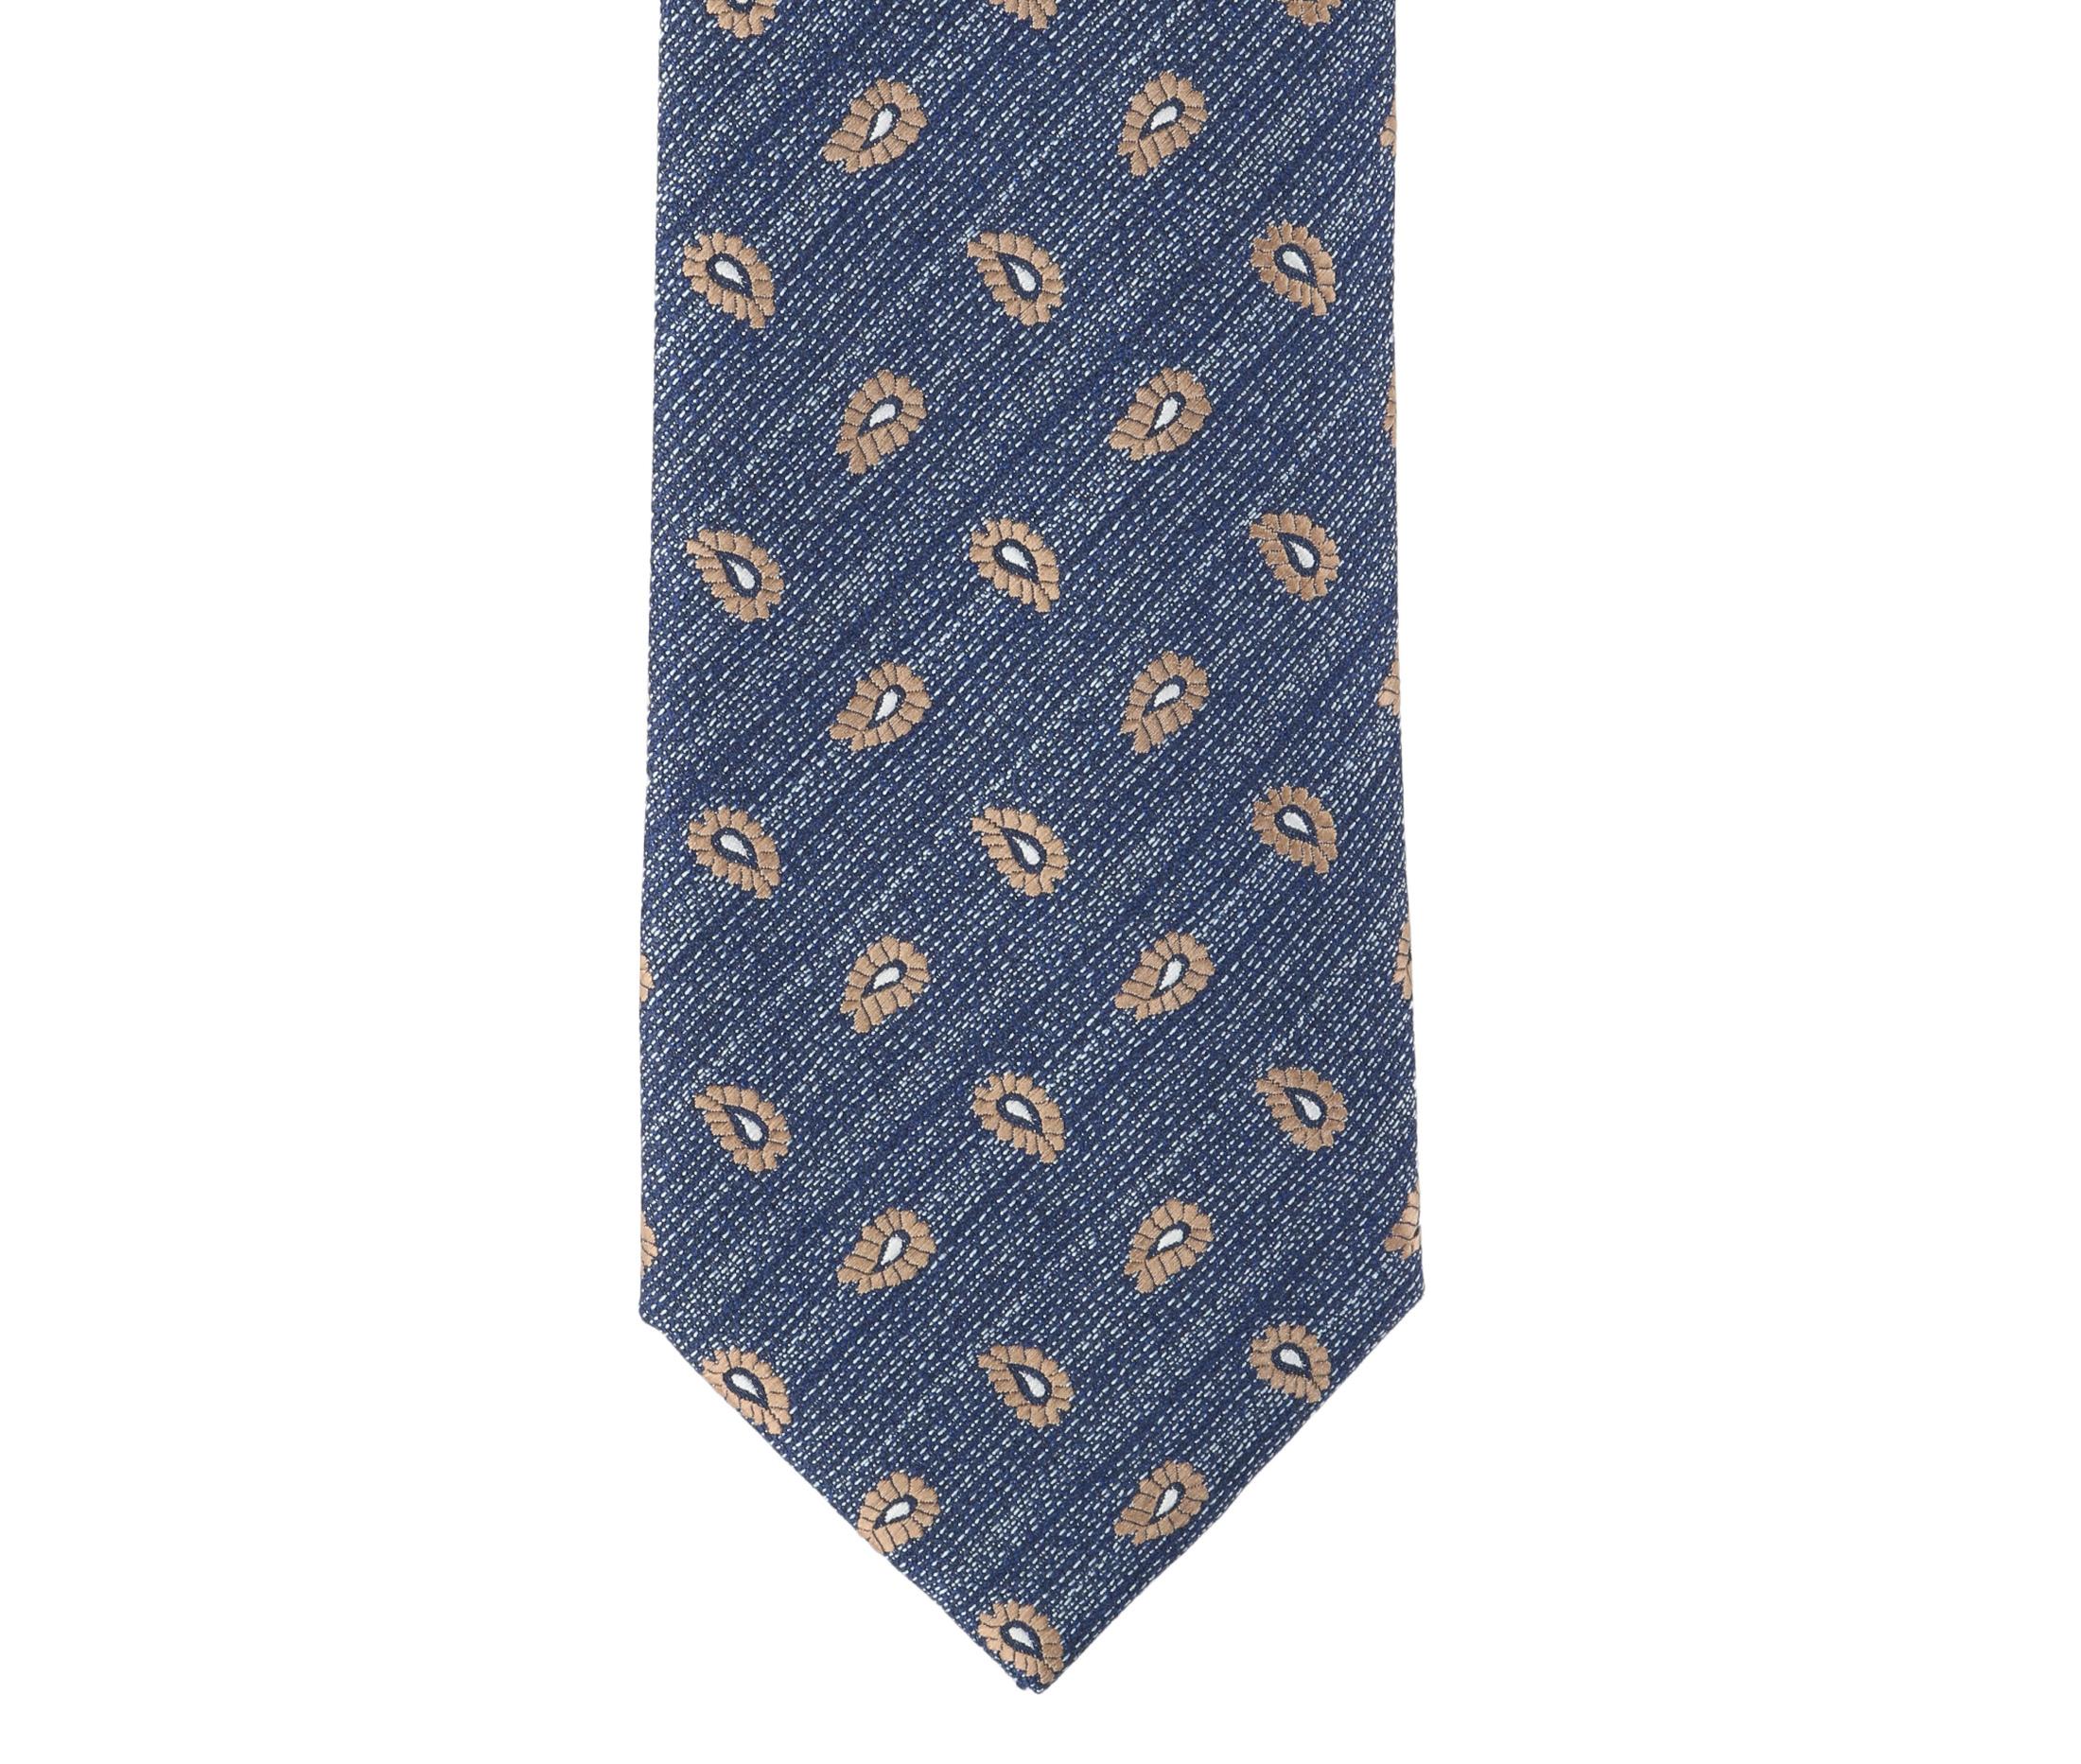 Krawatte Seide Paisley 9-17 foto 1